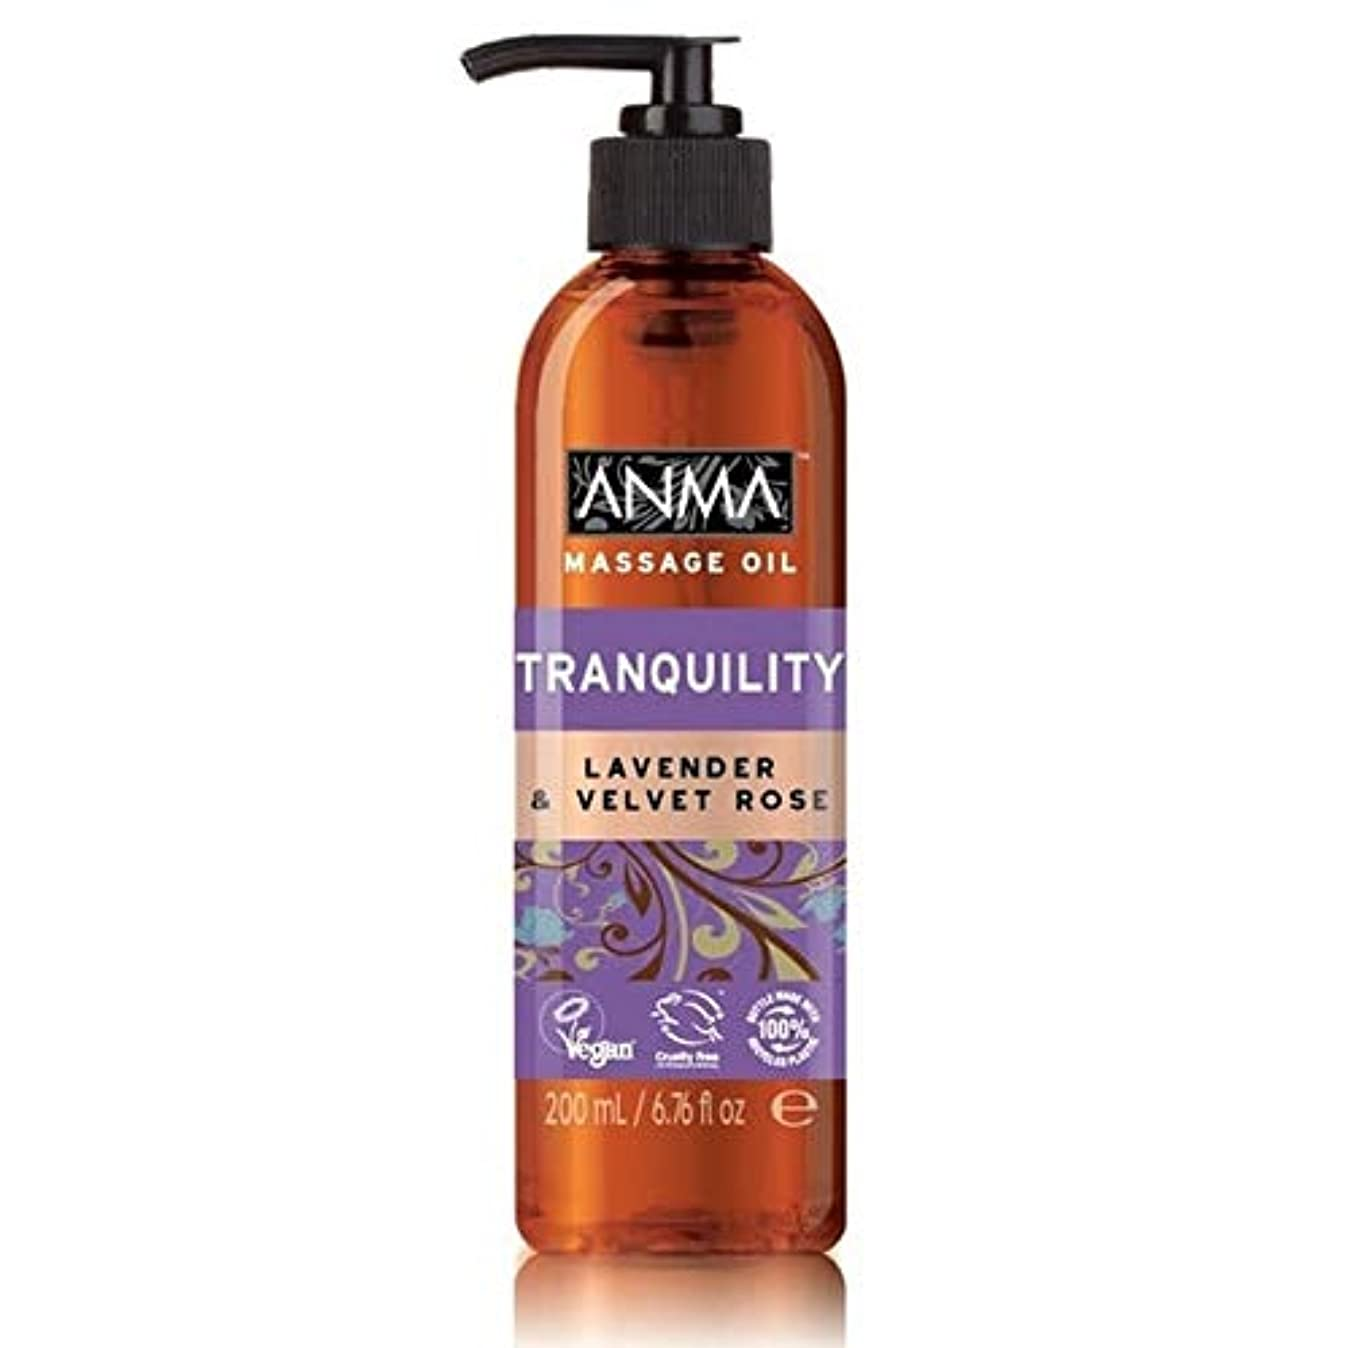 交渉する大脳汚染された[Anma ] あんまマッサージオイル静けさ - Anma Massage Oil Tranquility [並行輸入品]